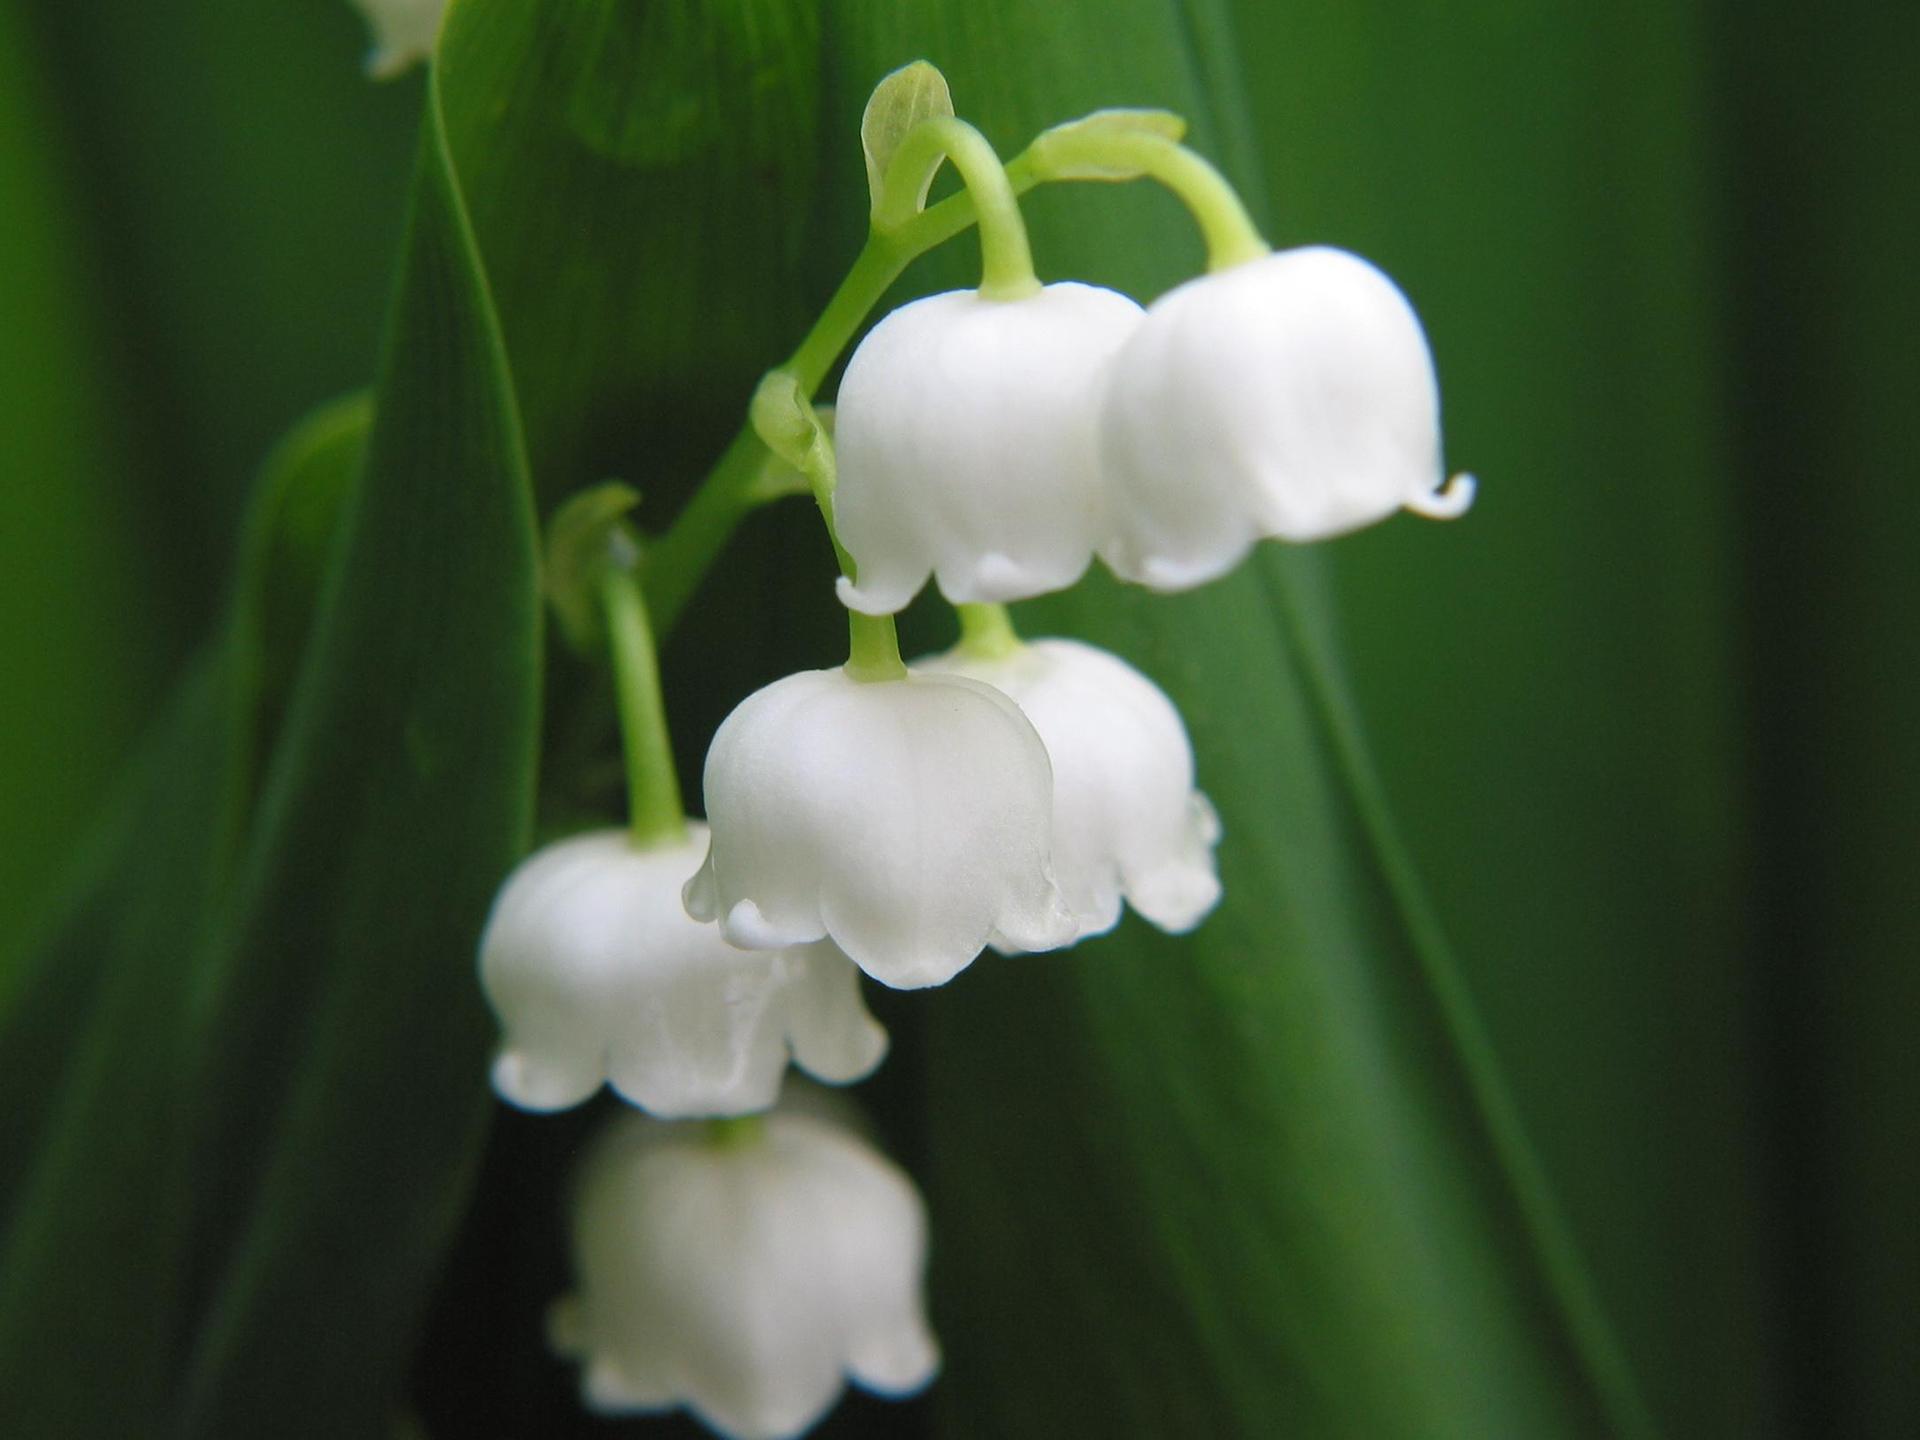 Sáu bông hoa lan chuông chung một cành cực đẹp